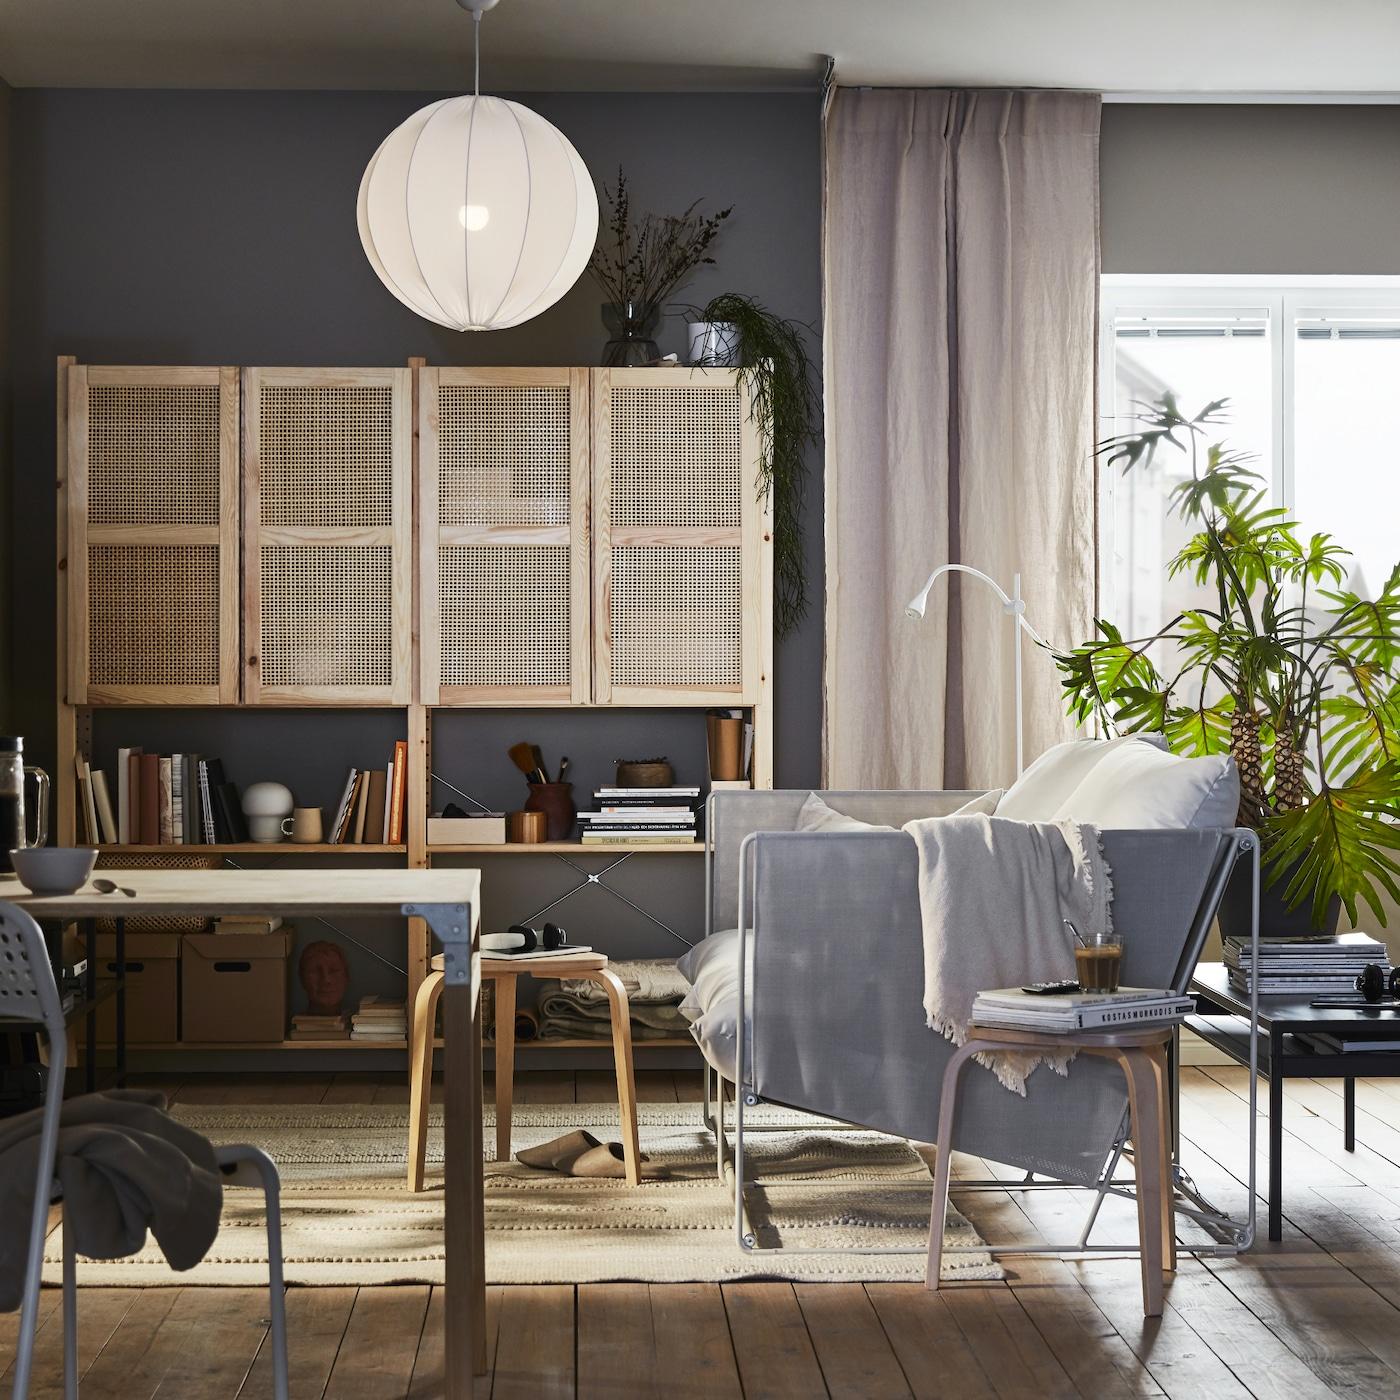 Obývacia izba s oblasťami na rôzne aktivity, ako je štúdium a oddych medzi rastlinami a rozličnými úložnými priestormi.